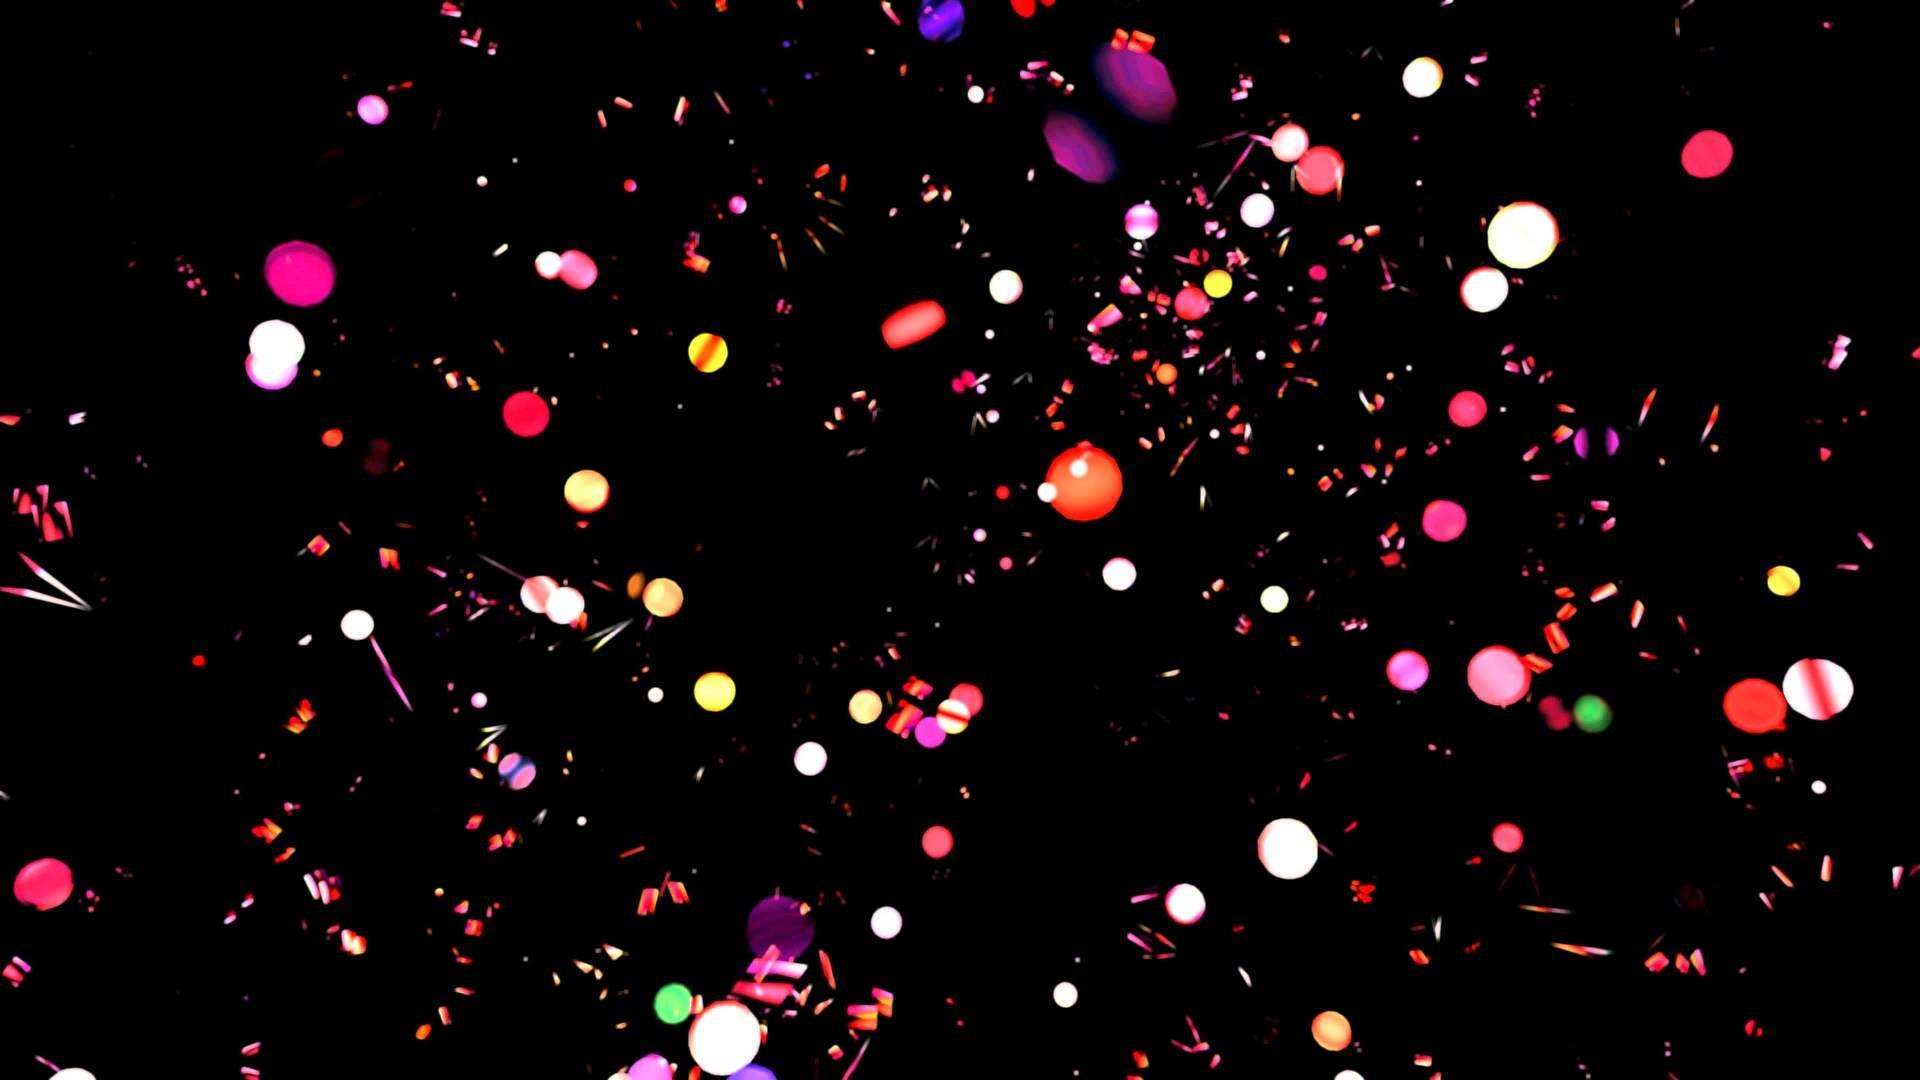 4K Magical Rainbow Blink Bulbs Realm Background video